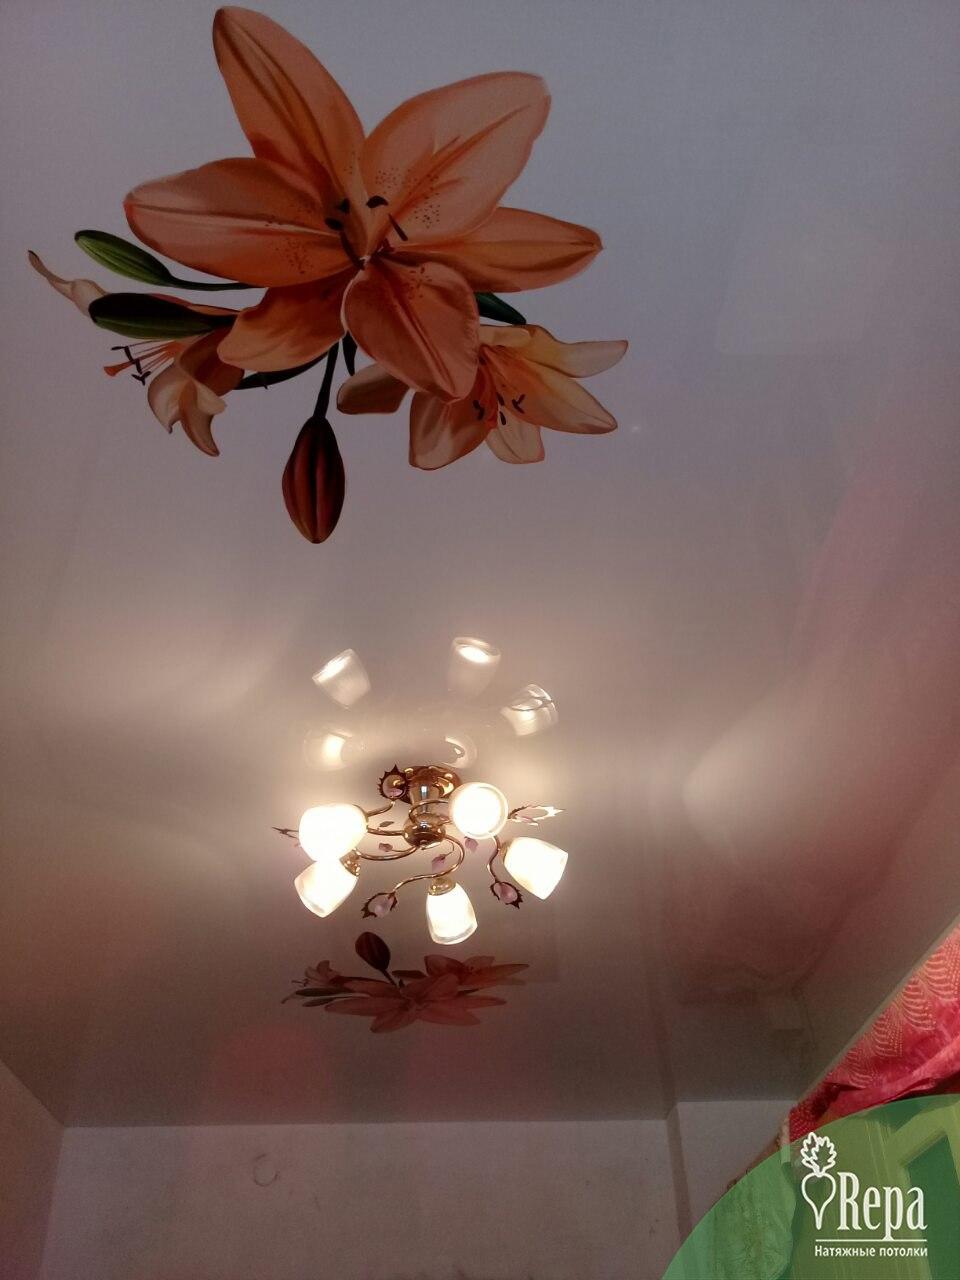 Натяжные потолки в Чебоксарах